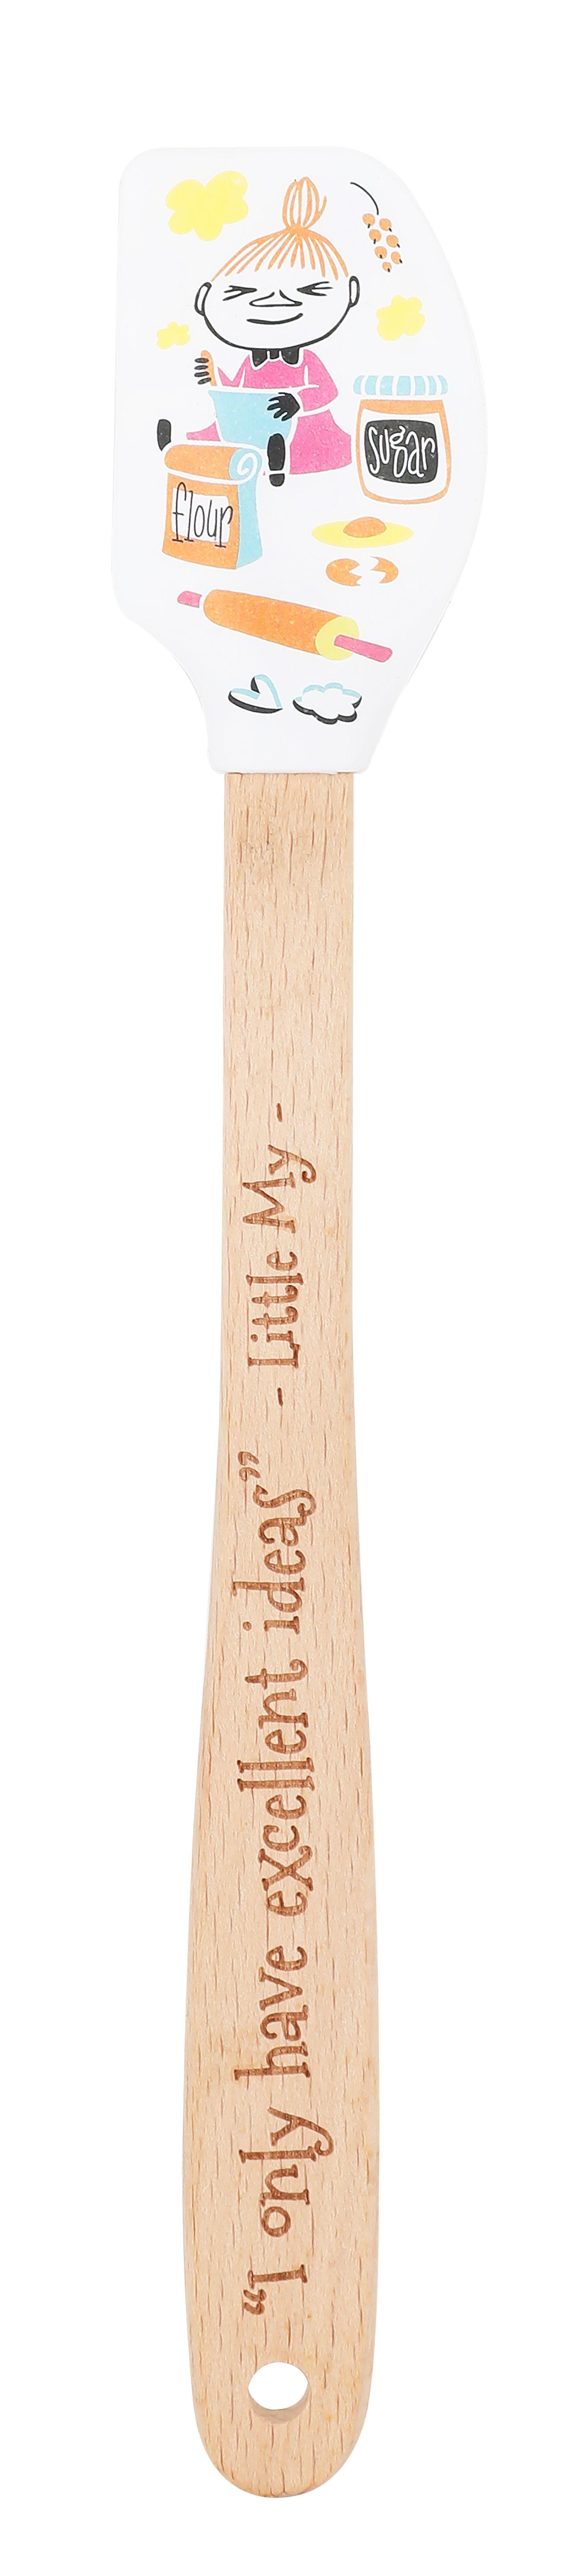 Mumin Slickepott 21 cm - Lilla My bakar - Pastell